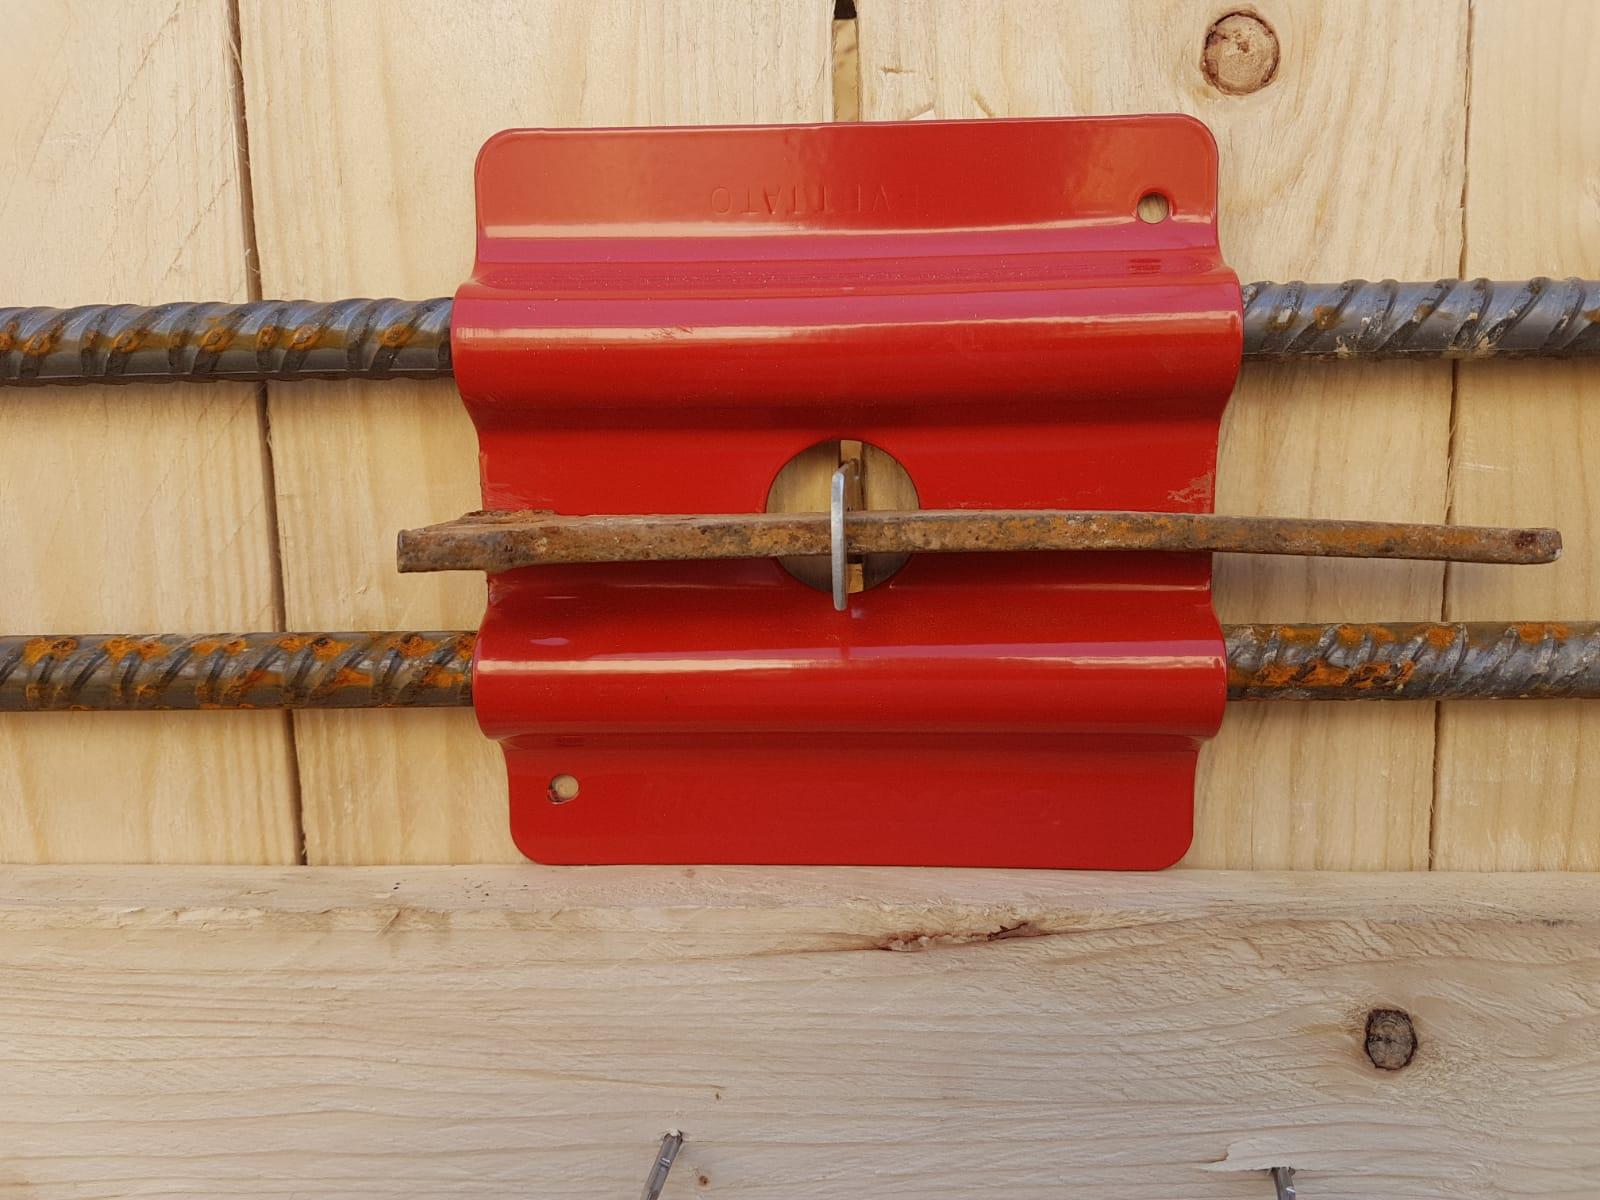 13. Particolare di piastra metallica per il collegamento ed il contenimento dei casseformi in legno: lavori in corso.